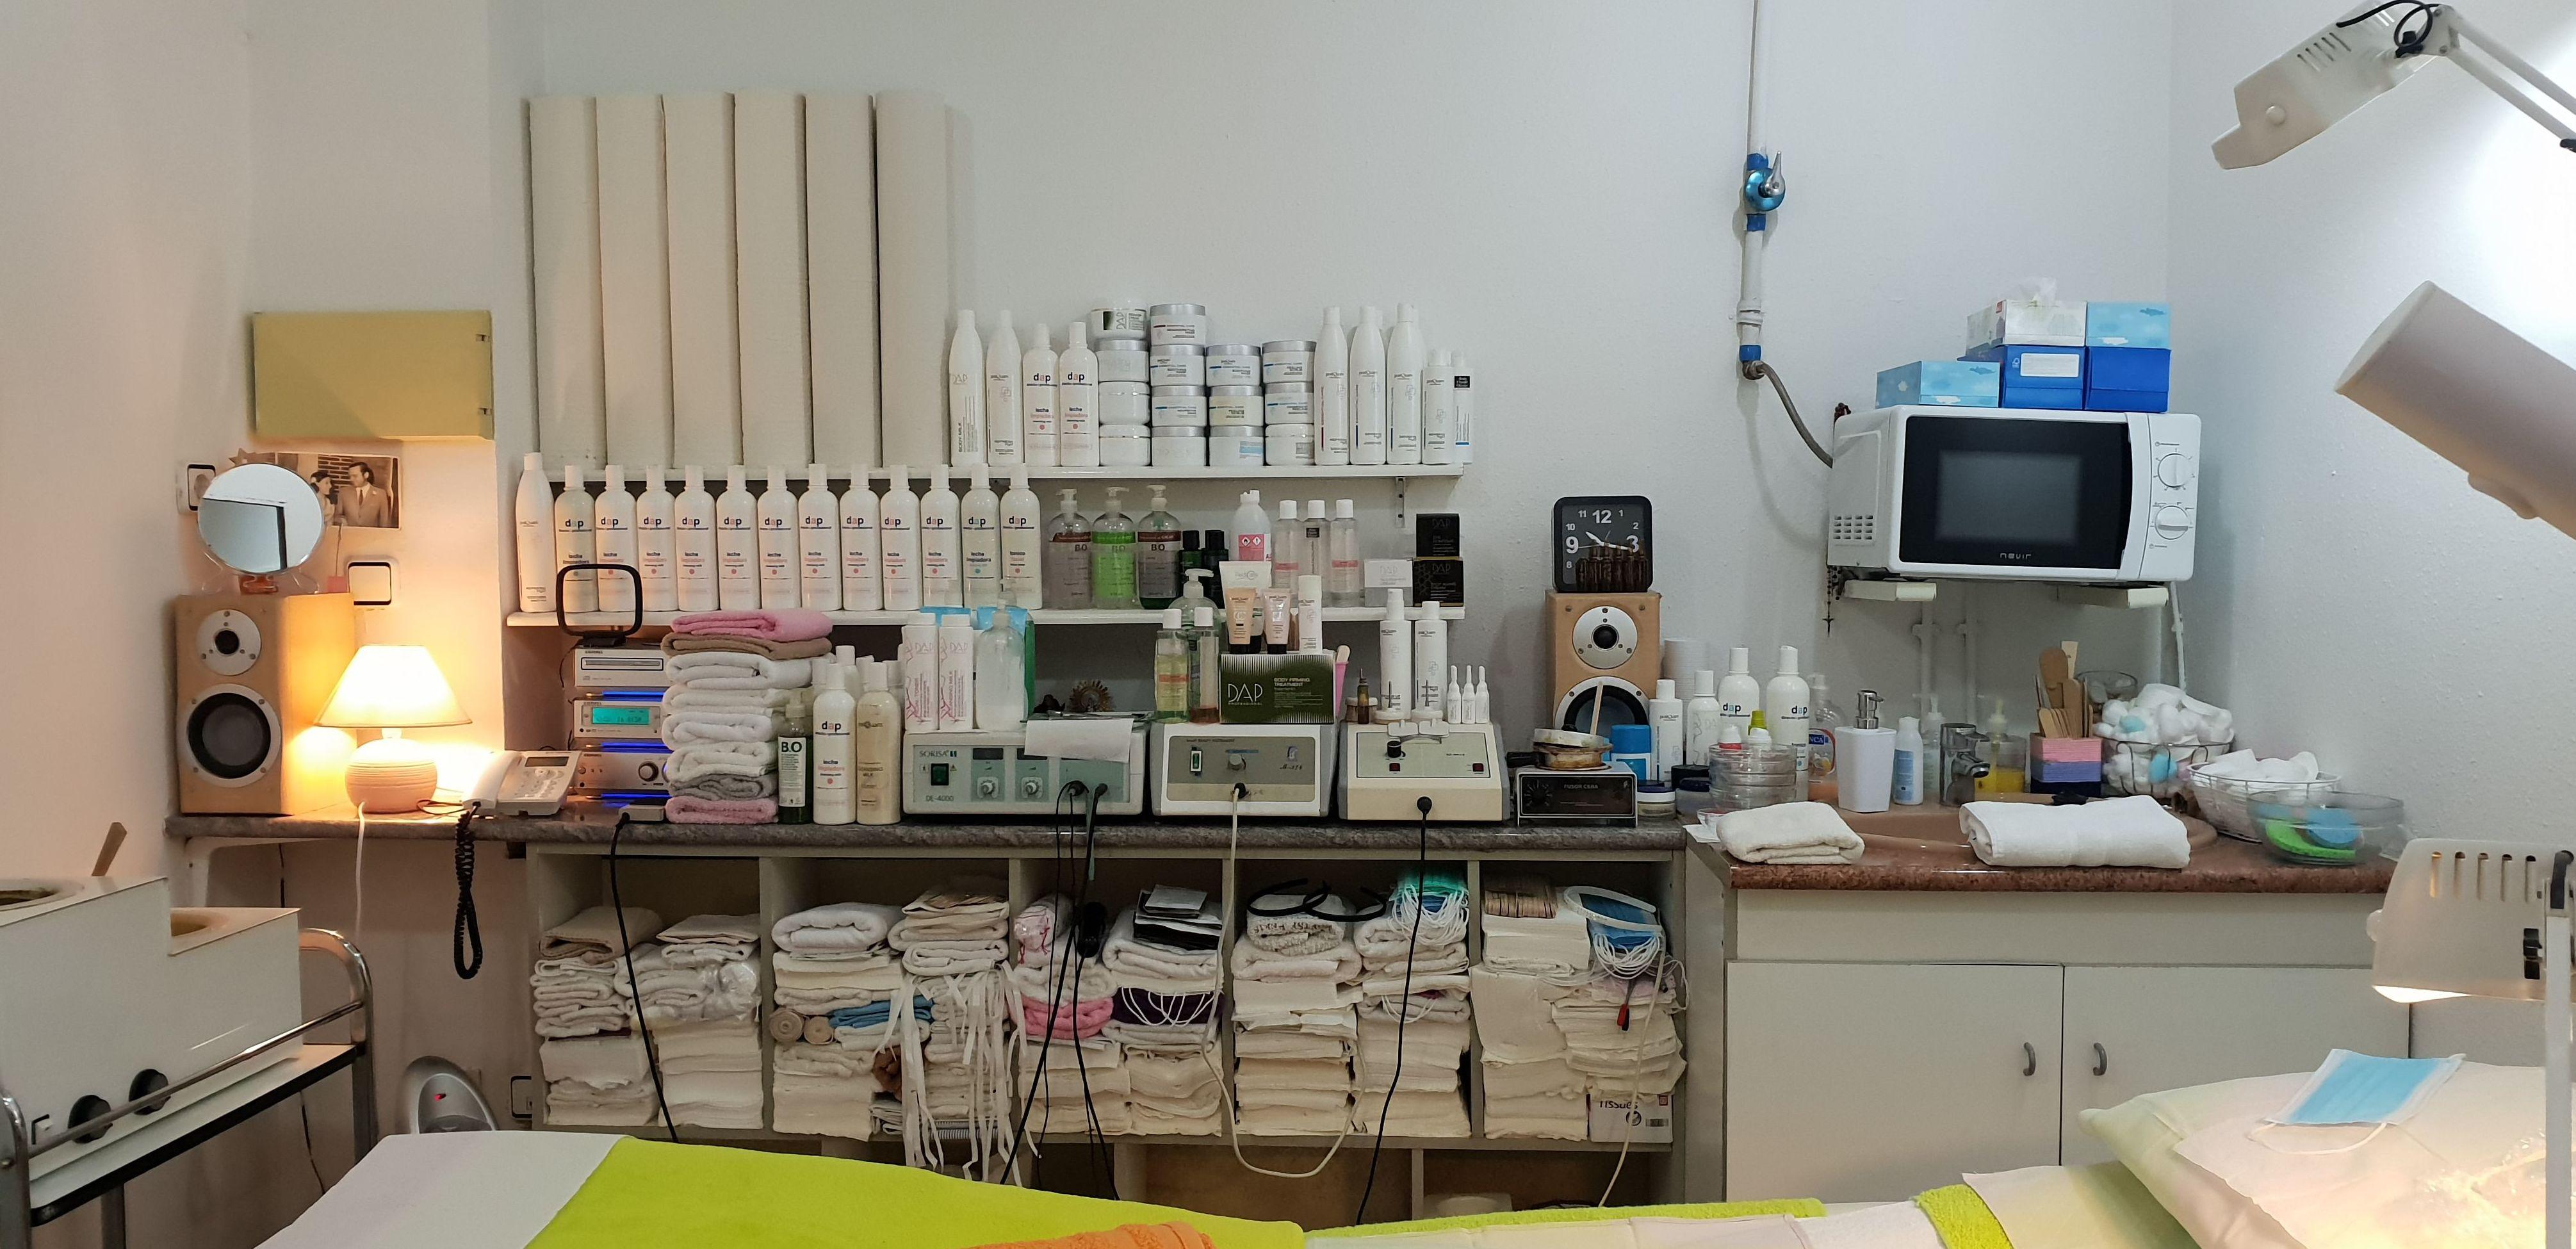 Centro de Estética en traspaso: Inmuebles en venta de ALGAMAR IMMOBLES S.L.